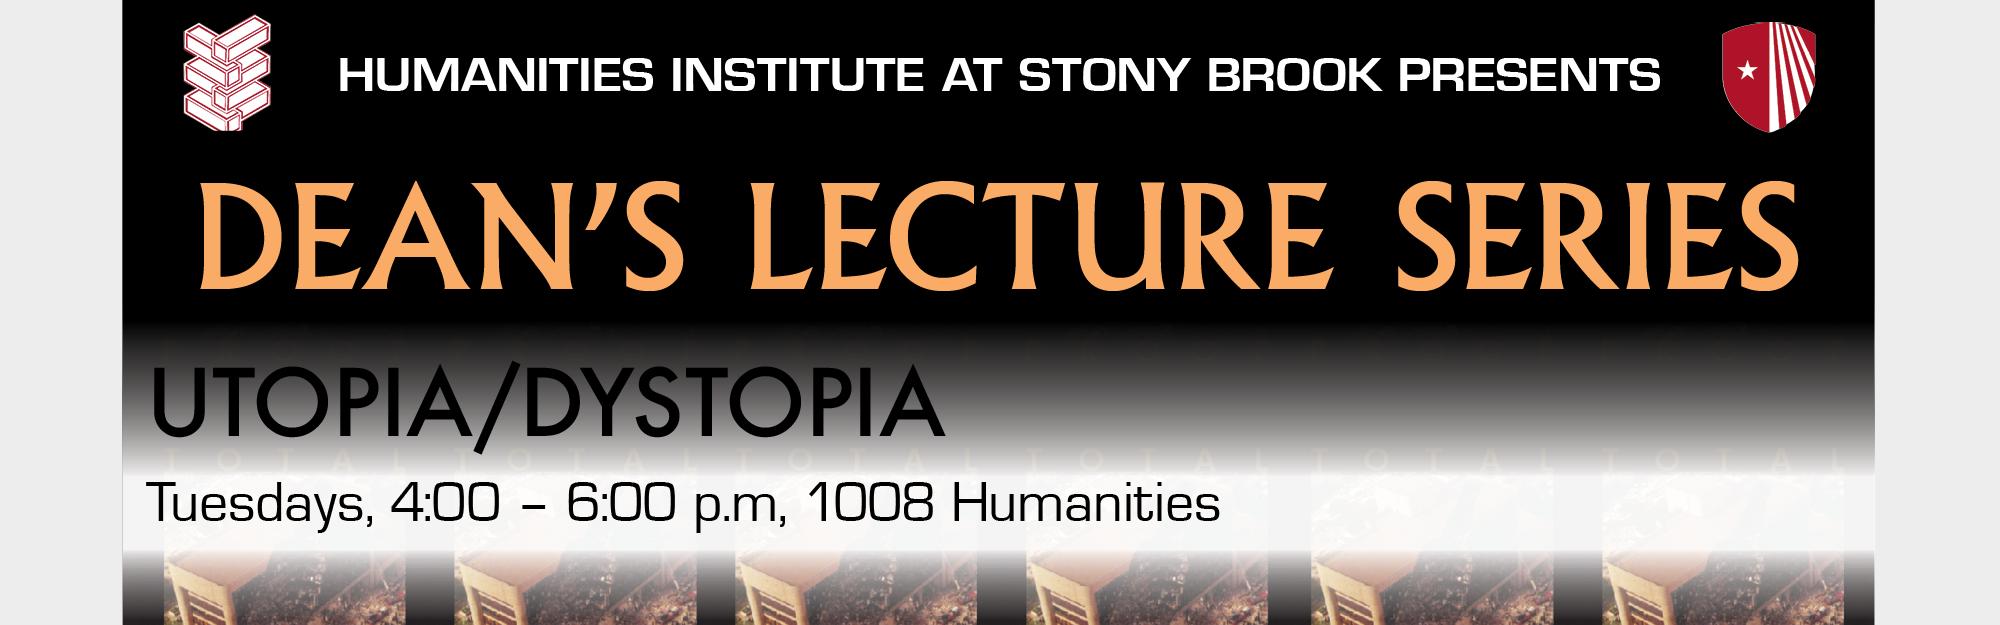 Dean's Lecture Series: Utopia/Dystopia